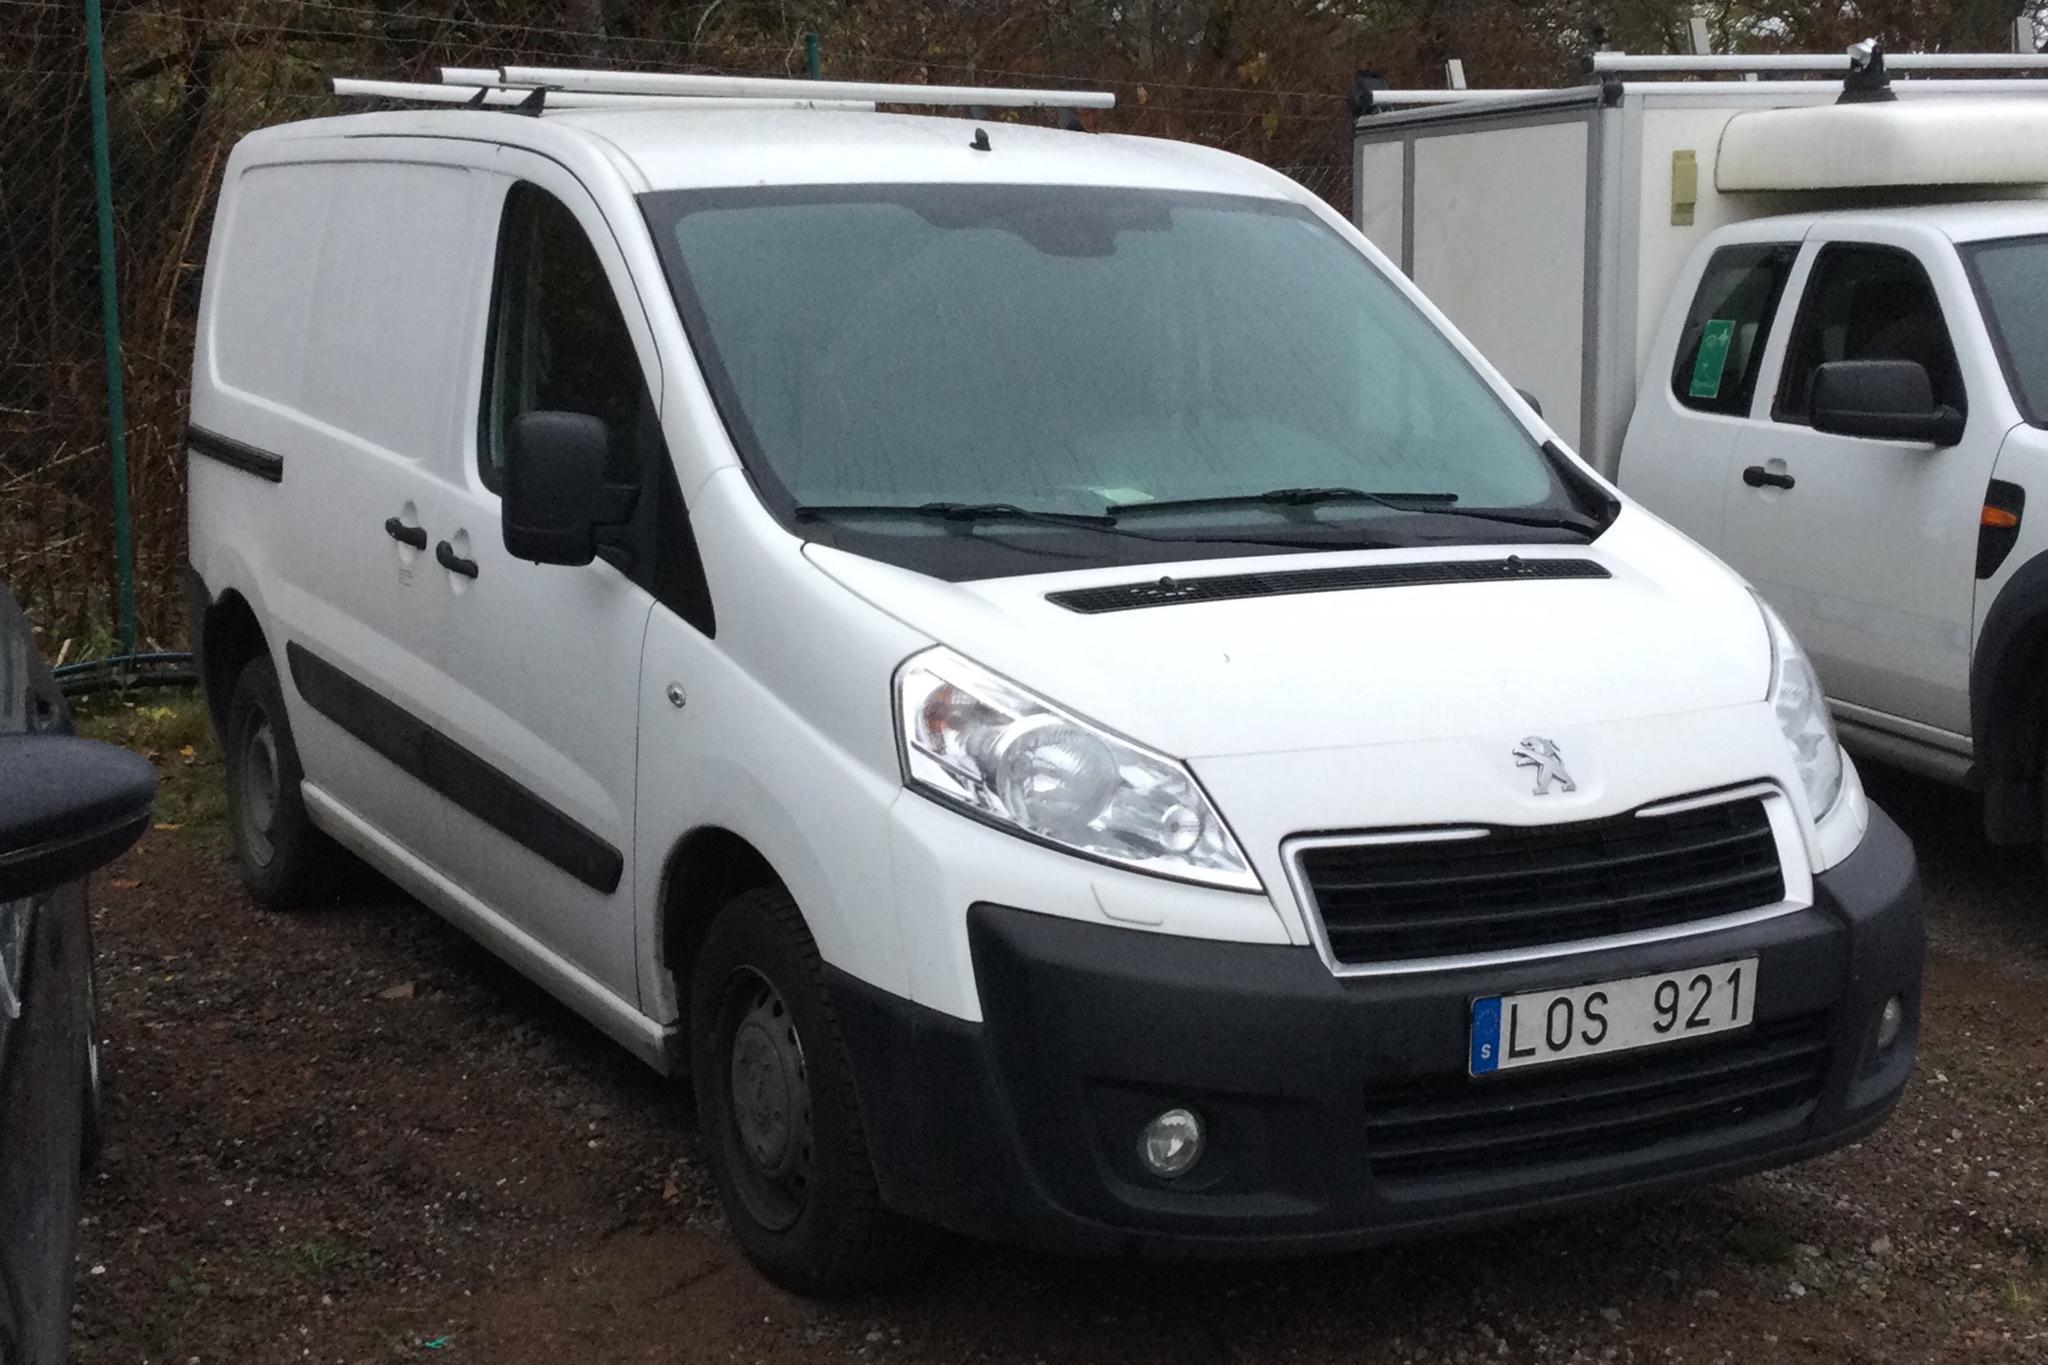 Peugeot Expert 1.6 HDI Skåp (90hk) - 0 km - Manual - white - 2013